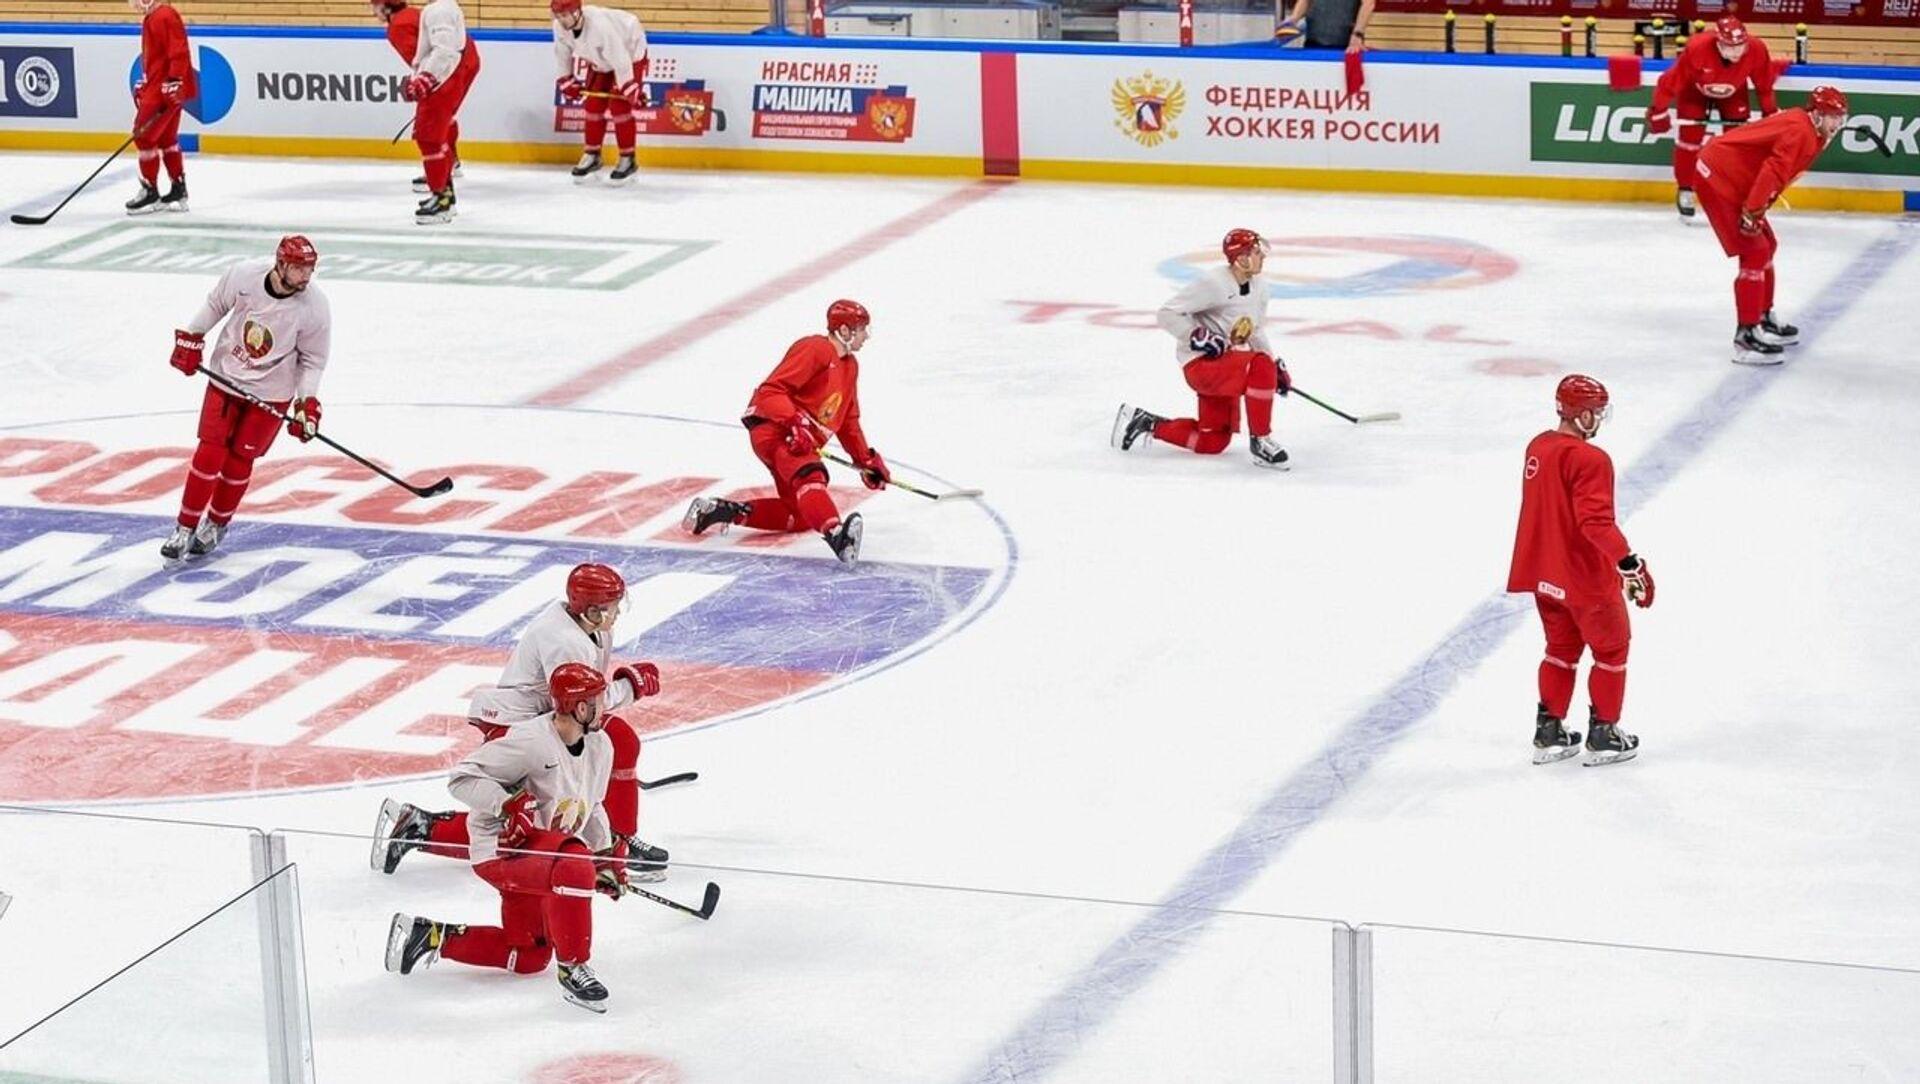 Сборная Беларуси по хоккею потерпела поражение от команды России в матче Еврочелленджа - Sputnik Беларусь, 1920, 23.04.2021